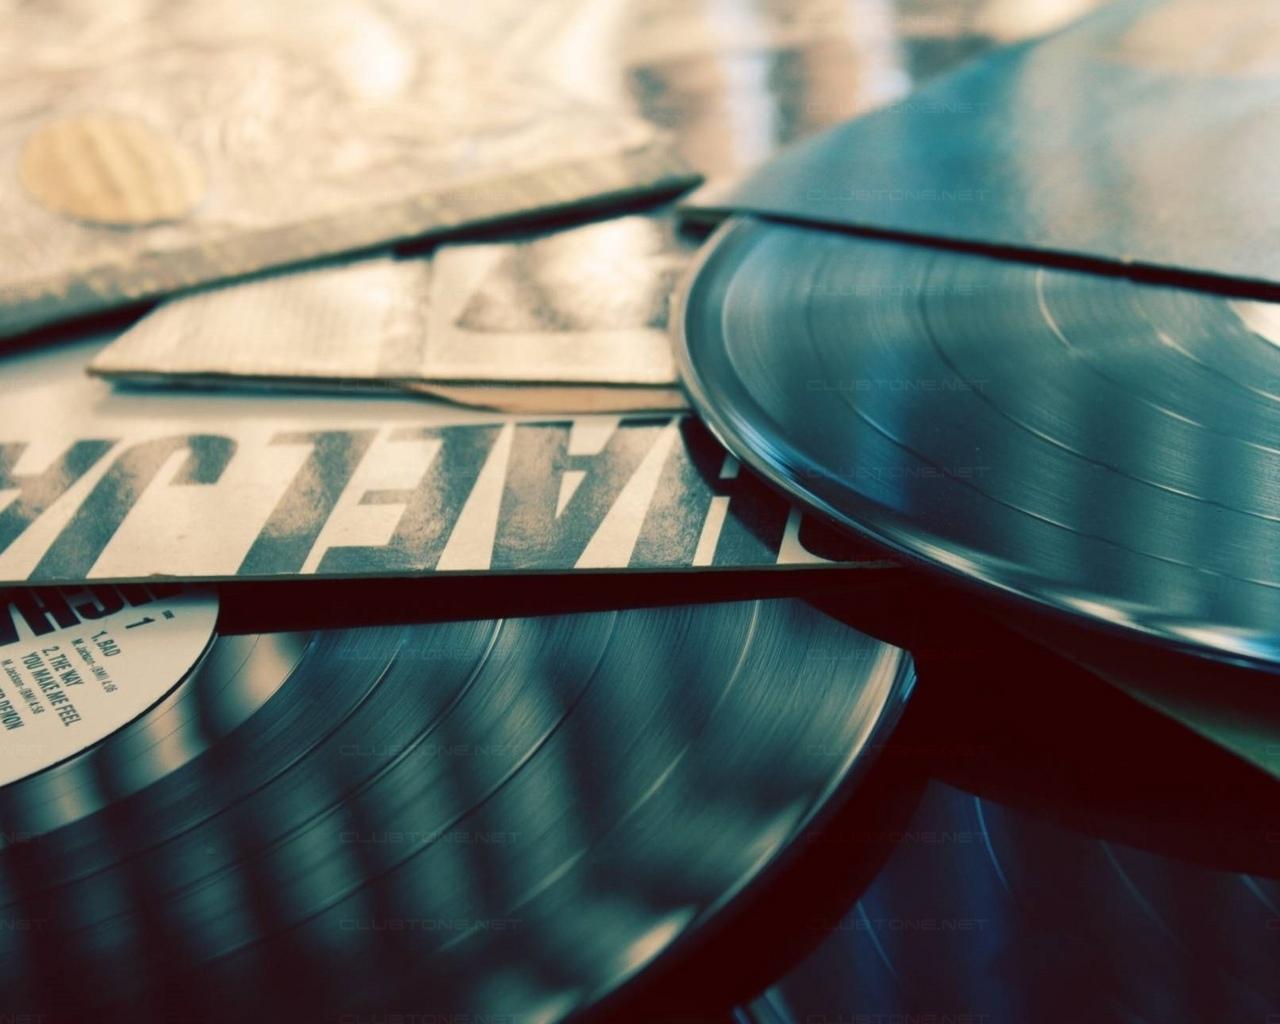 Музыкальные картинки большого разрешения на рабочий стол